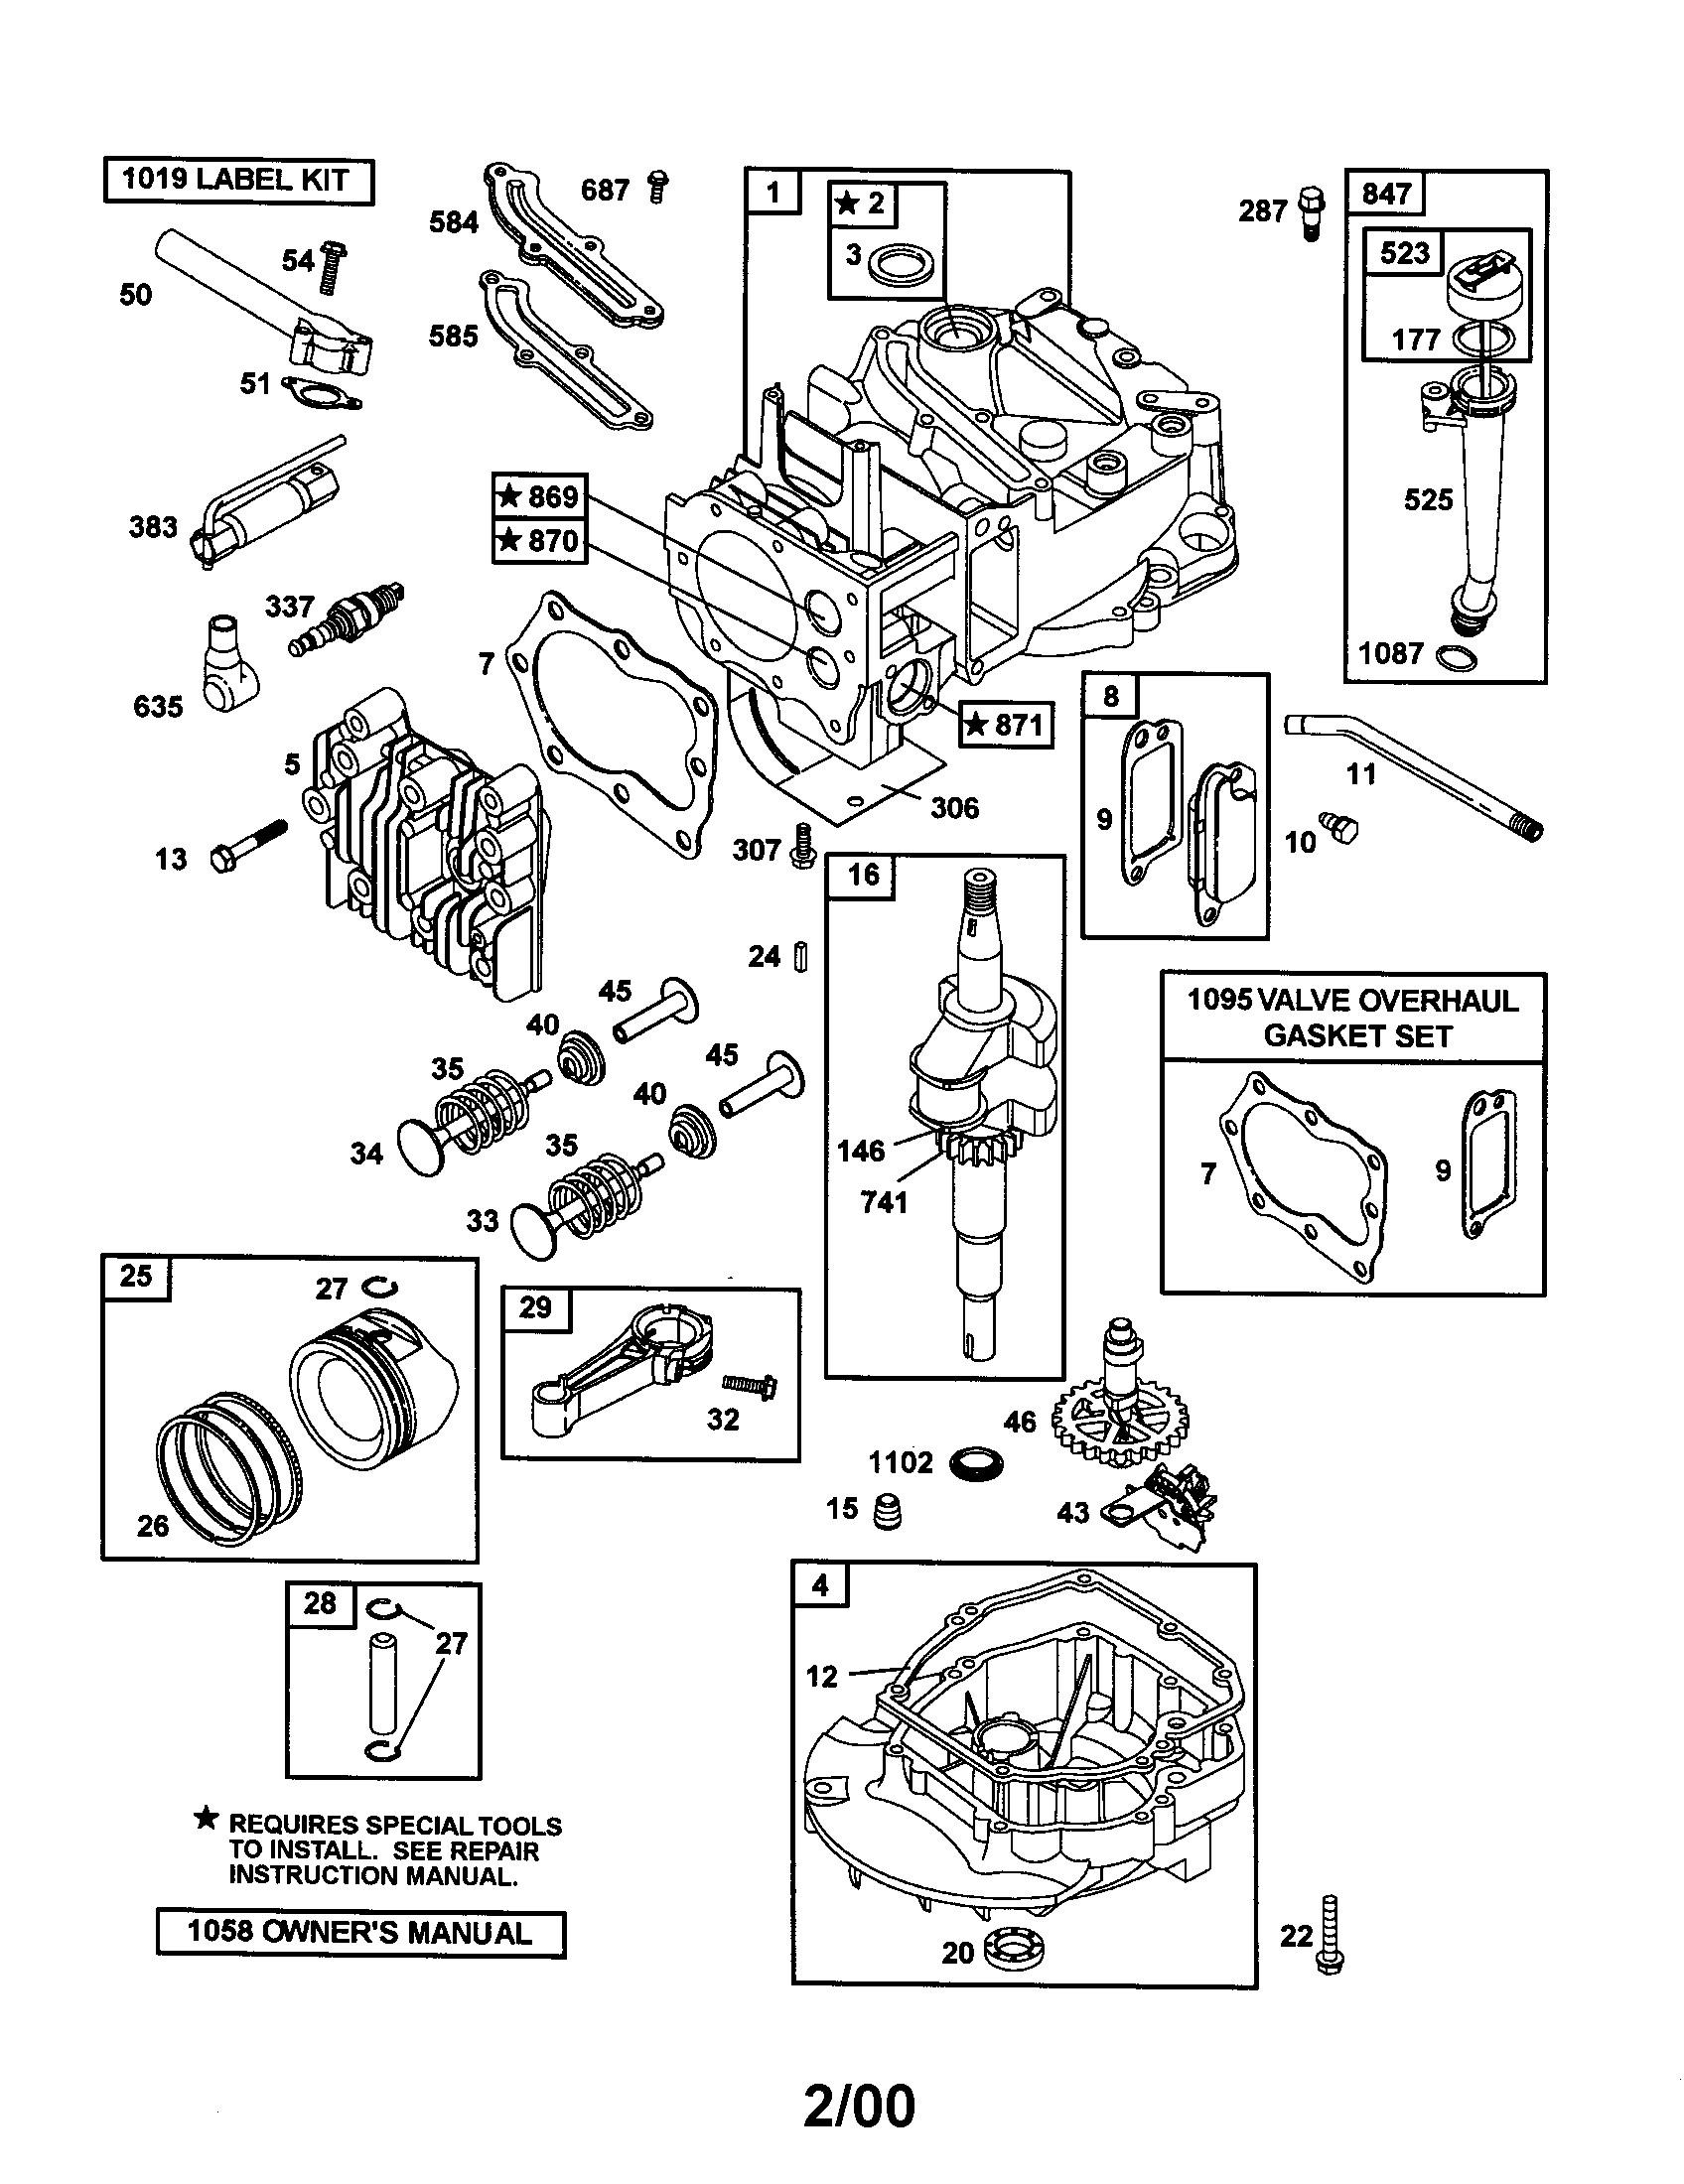 briggs stratton engine parts and diagrams 2 awesome engine manual rh detoxicrecenze com Brigg Engine Stratton Carburetor Diagram Briggs Stratton Ignition Diagram